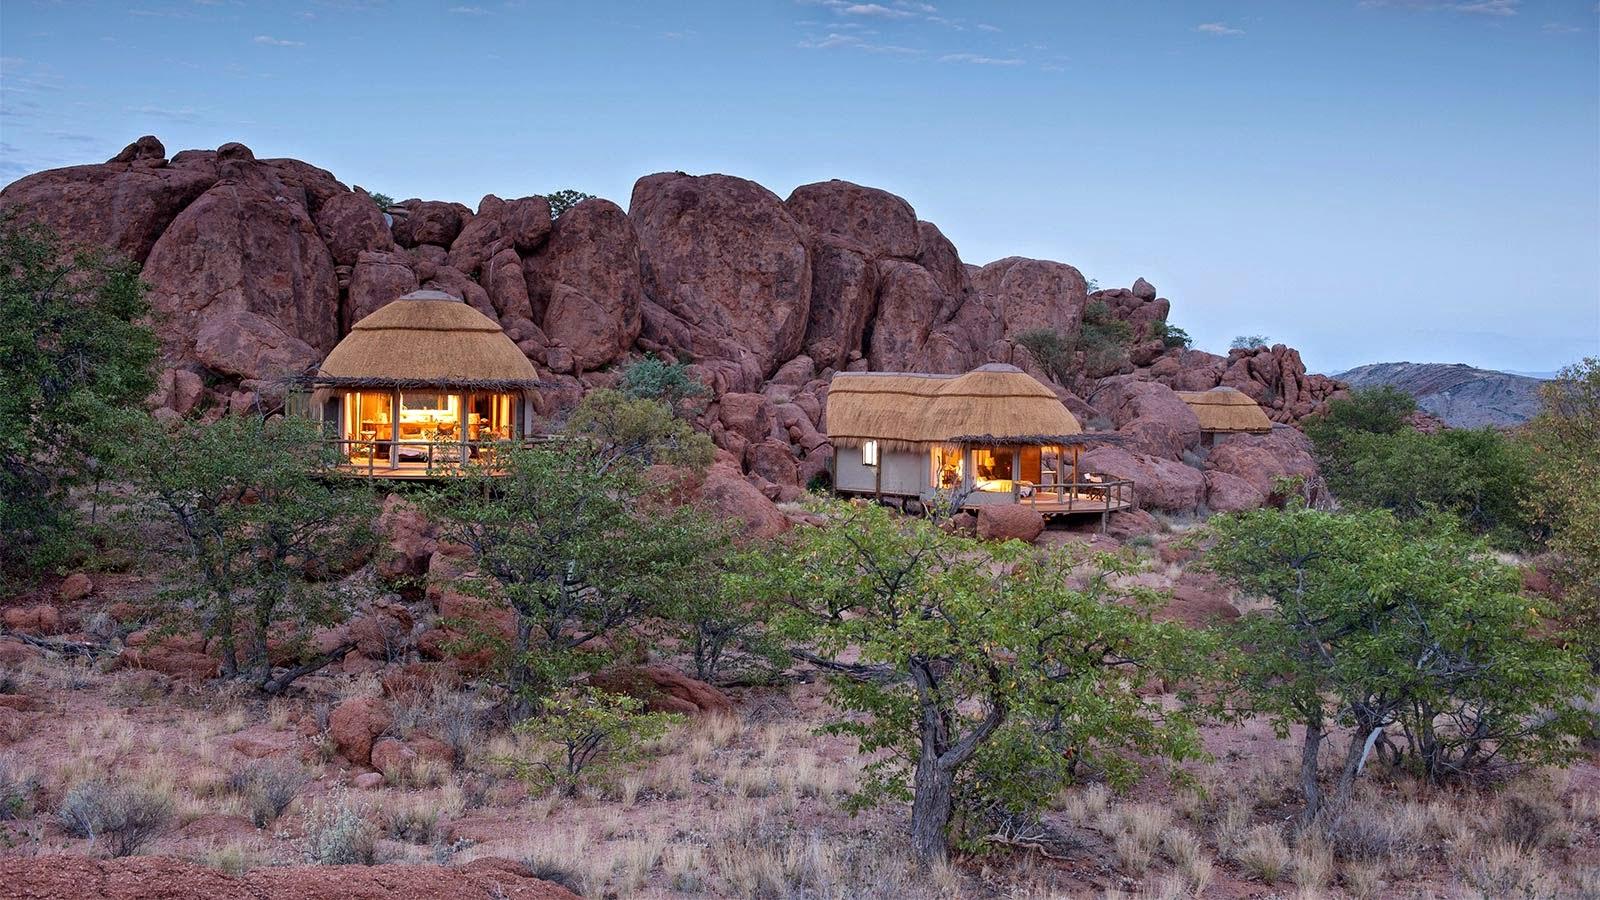 Mowani Camp Damaraland Twyfelfontein Namibia